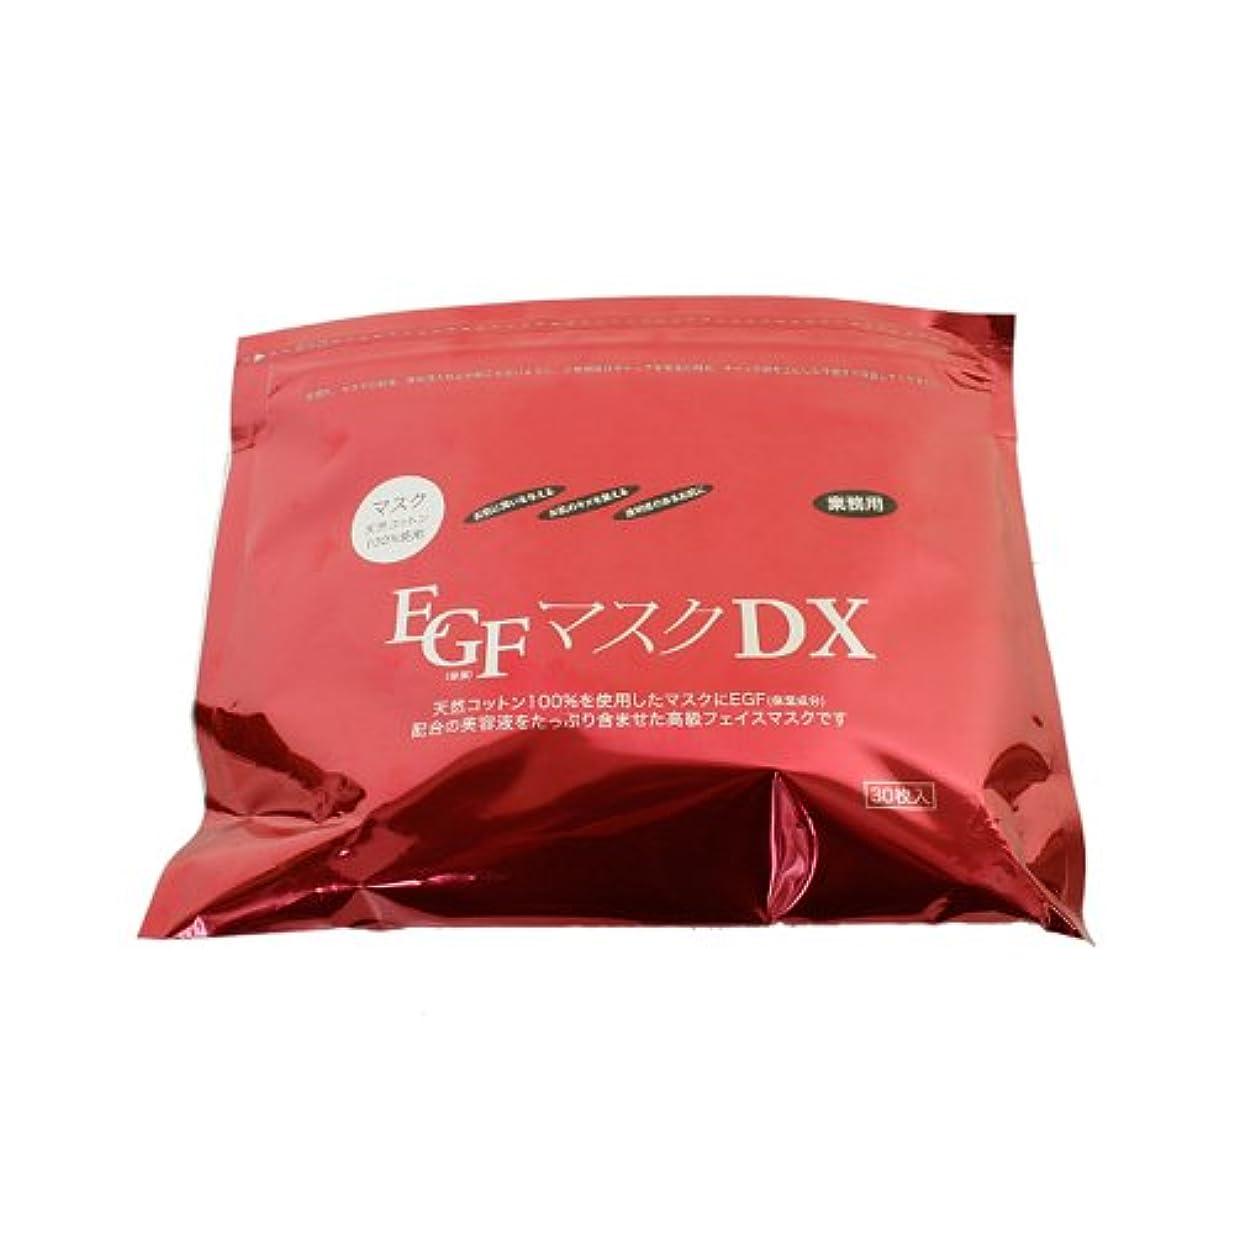 干ばつアルコーブグレーEGFマスクDX 30枚×4袋